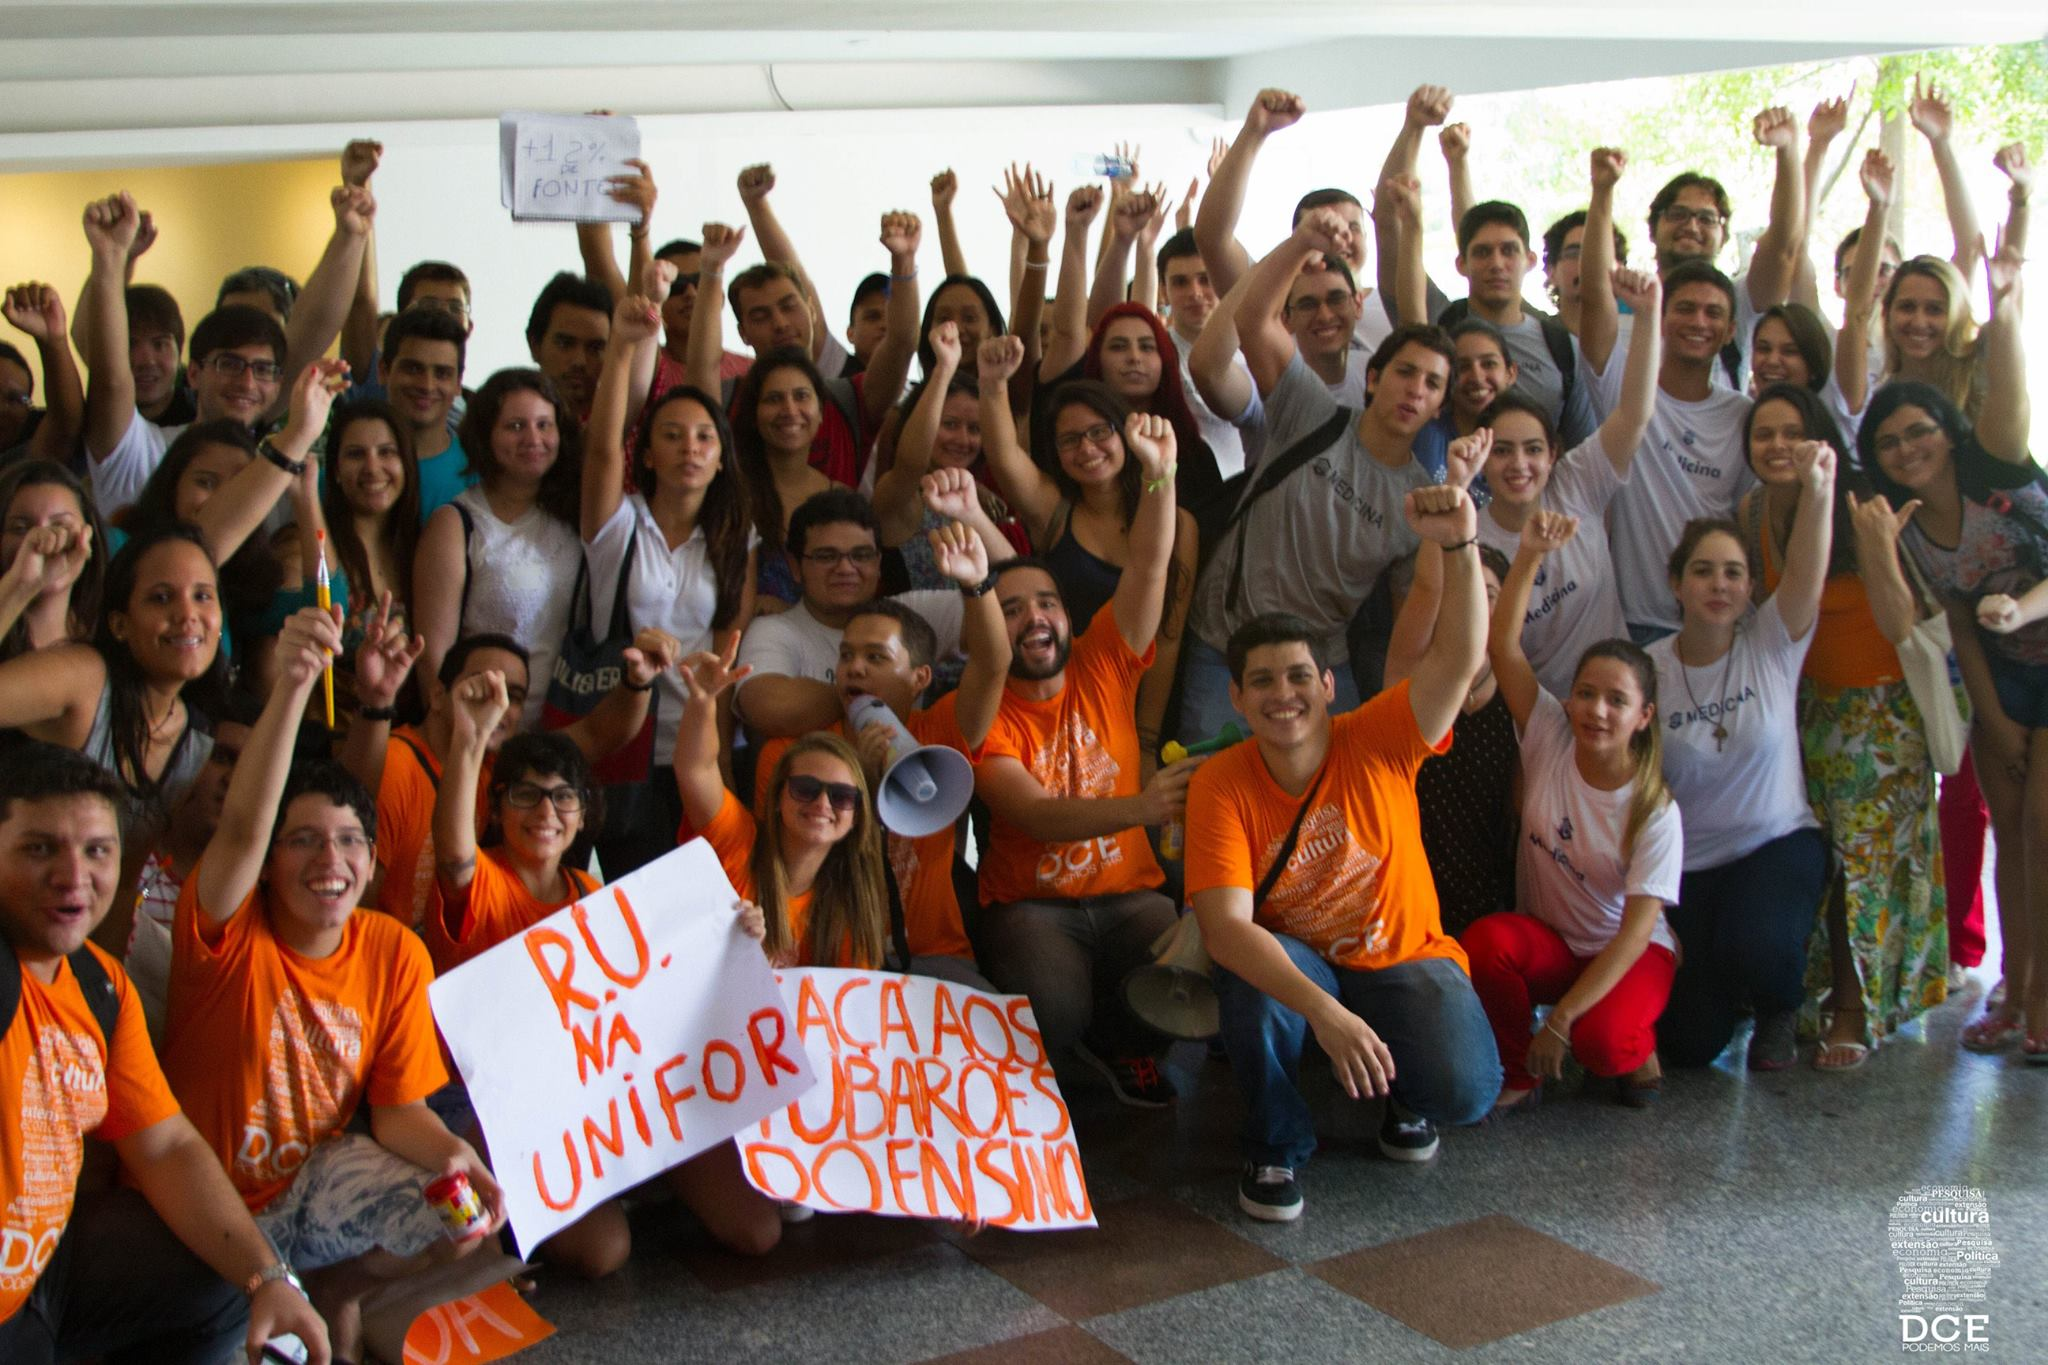 Luta dos estudantes da Unifor faz barrar aumento abusivo na mensalidade